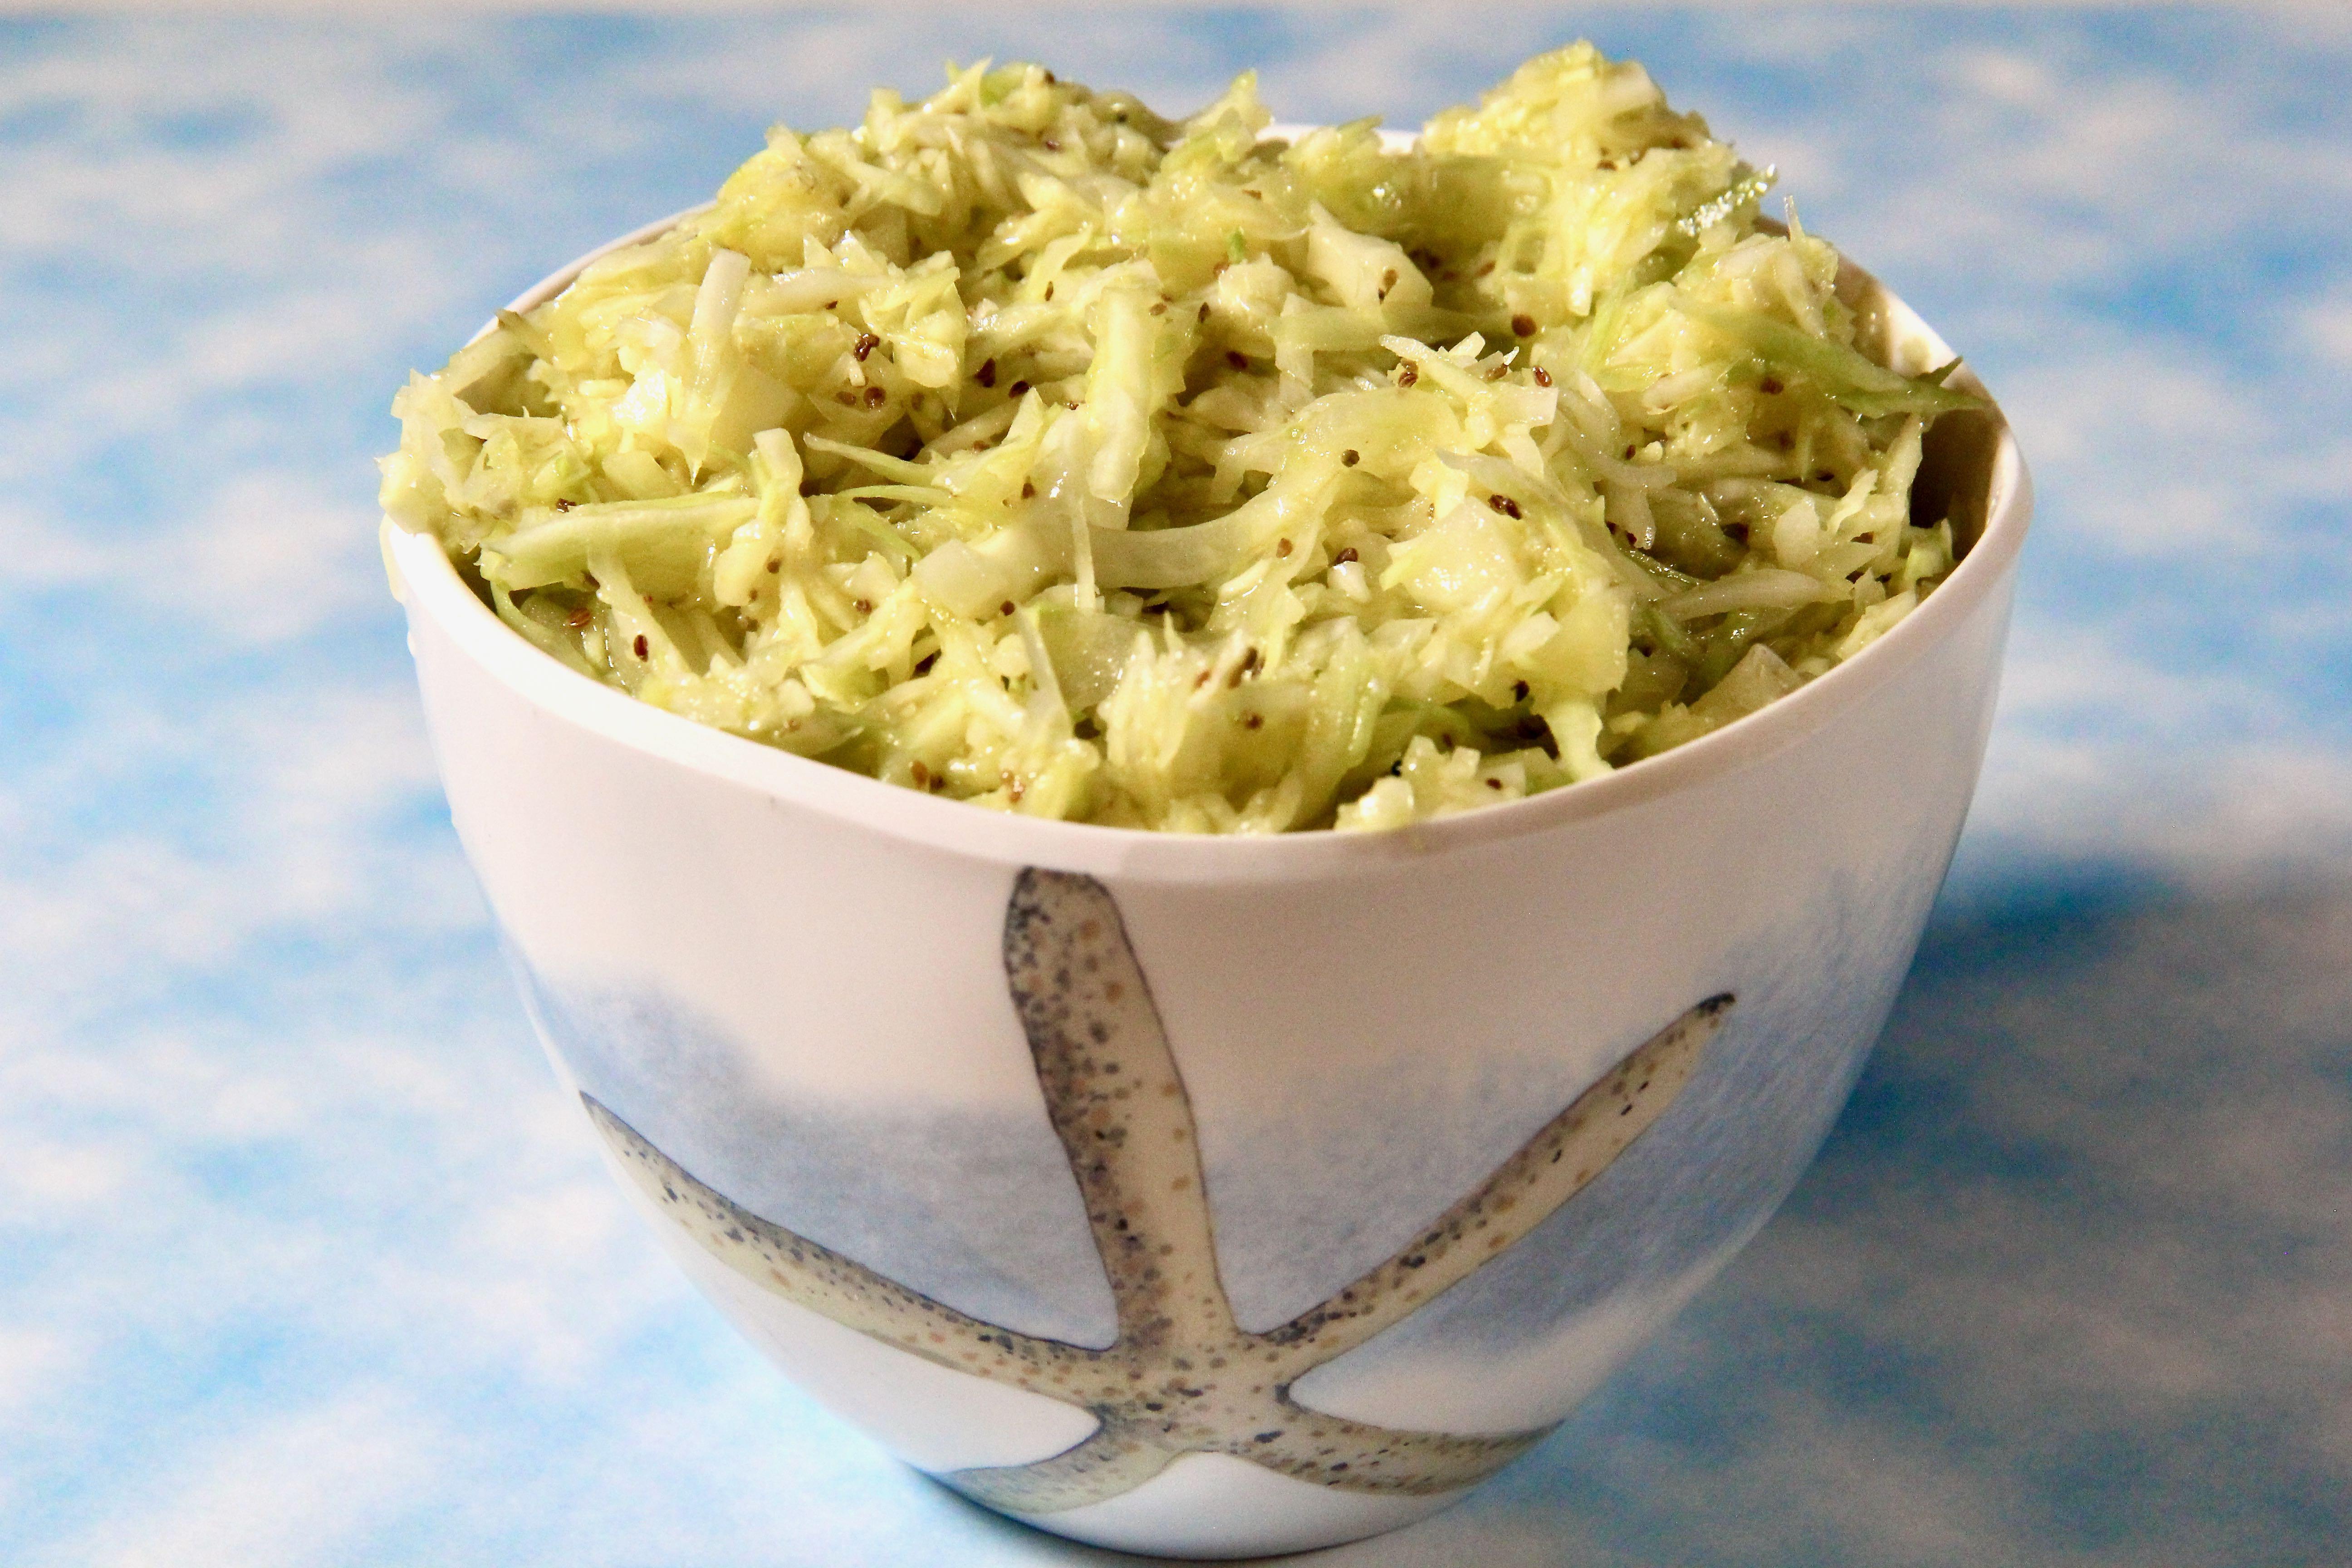 Pickled Coleslaw